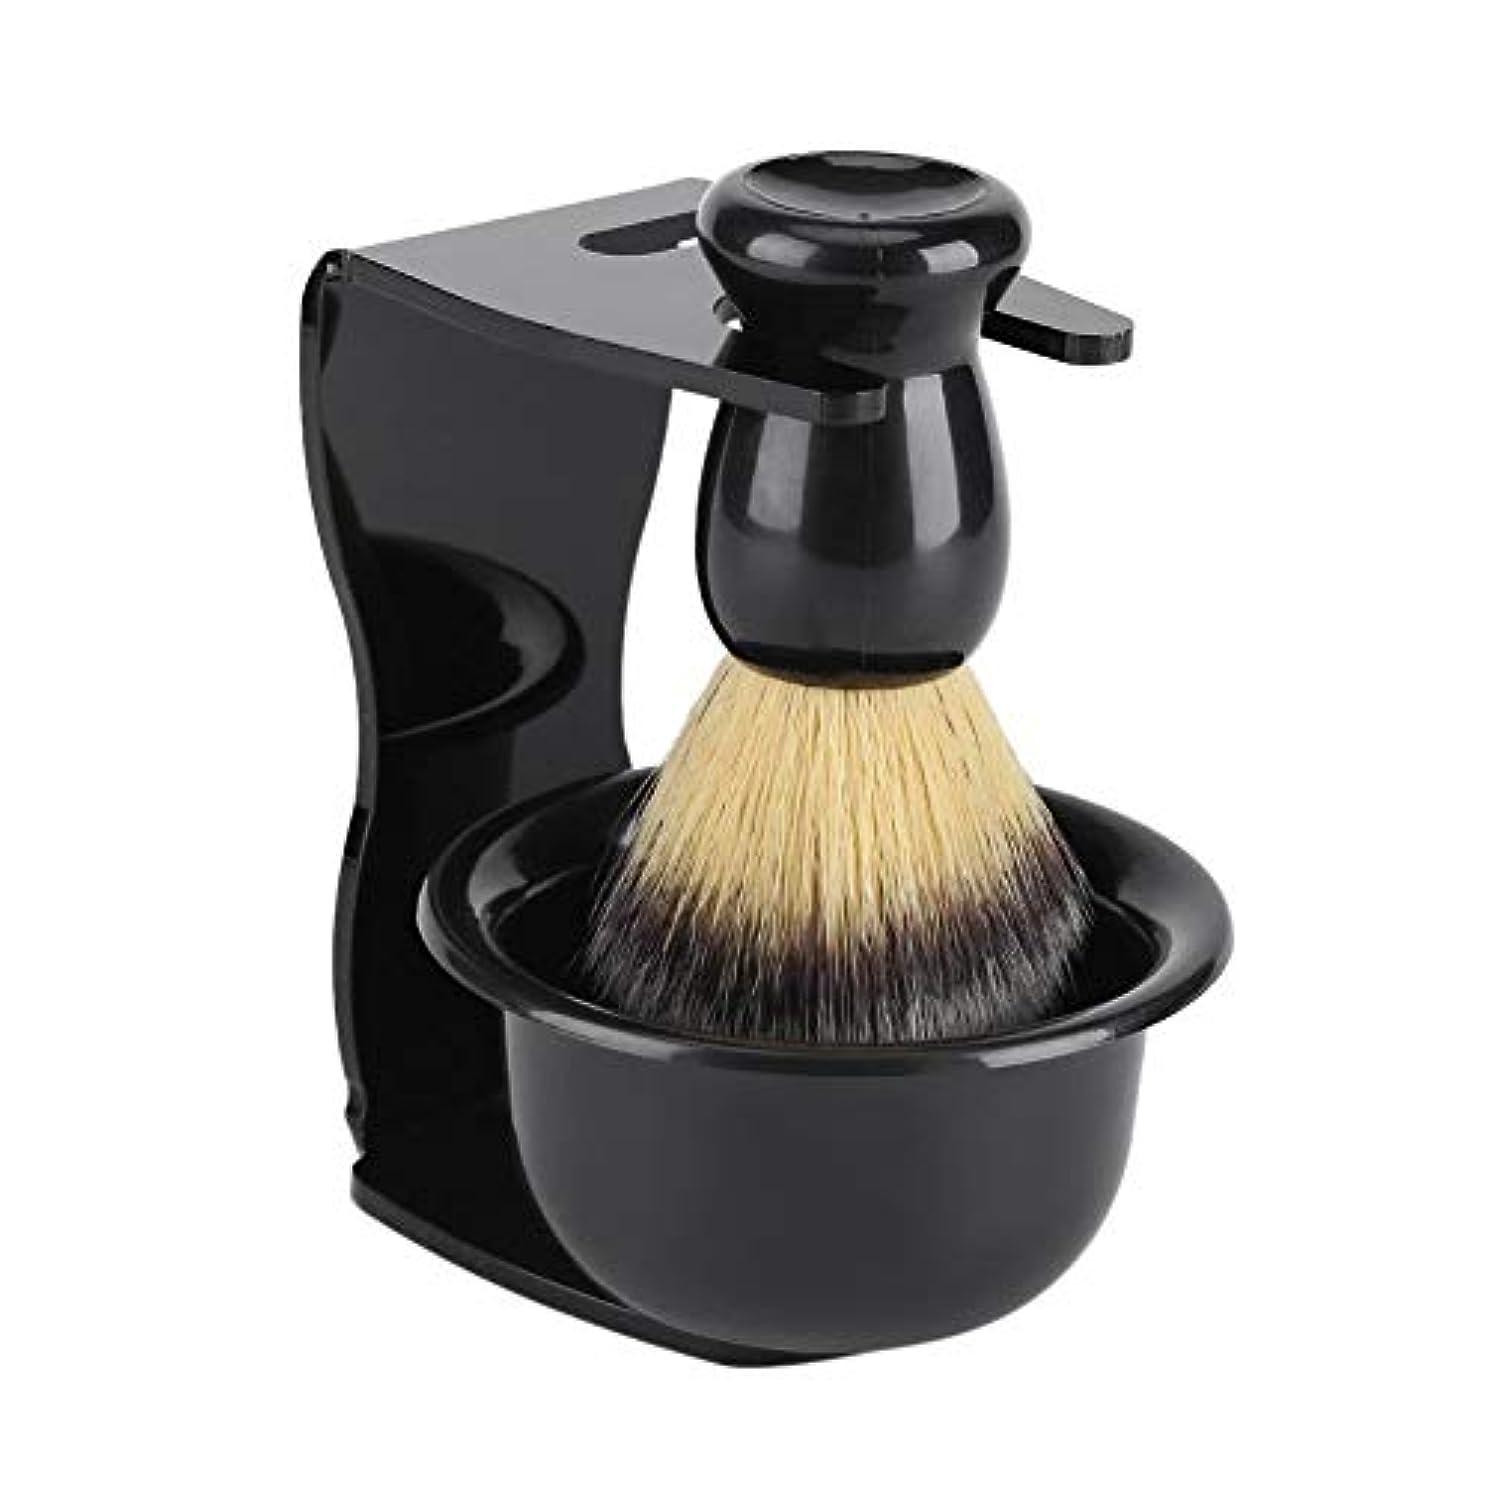 立ち寄る熟考する霧深い3セットひげブラシ シェービングブラシ プレゼントシェービングブラシセット プラシスタンド 石鹸ボウル 理容 洗顔 髭剃り